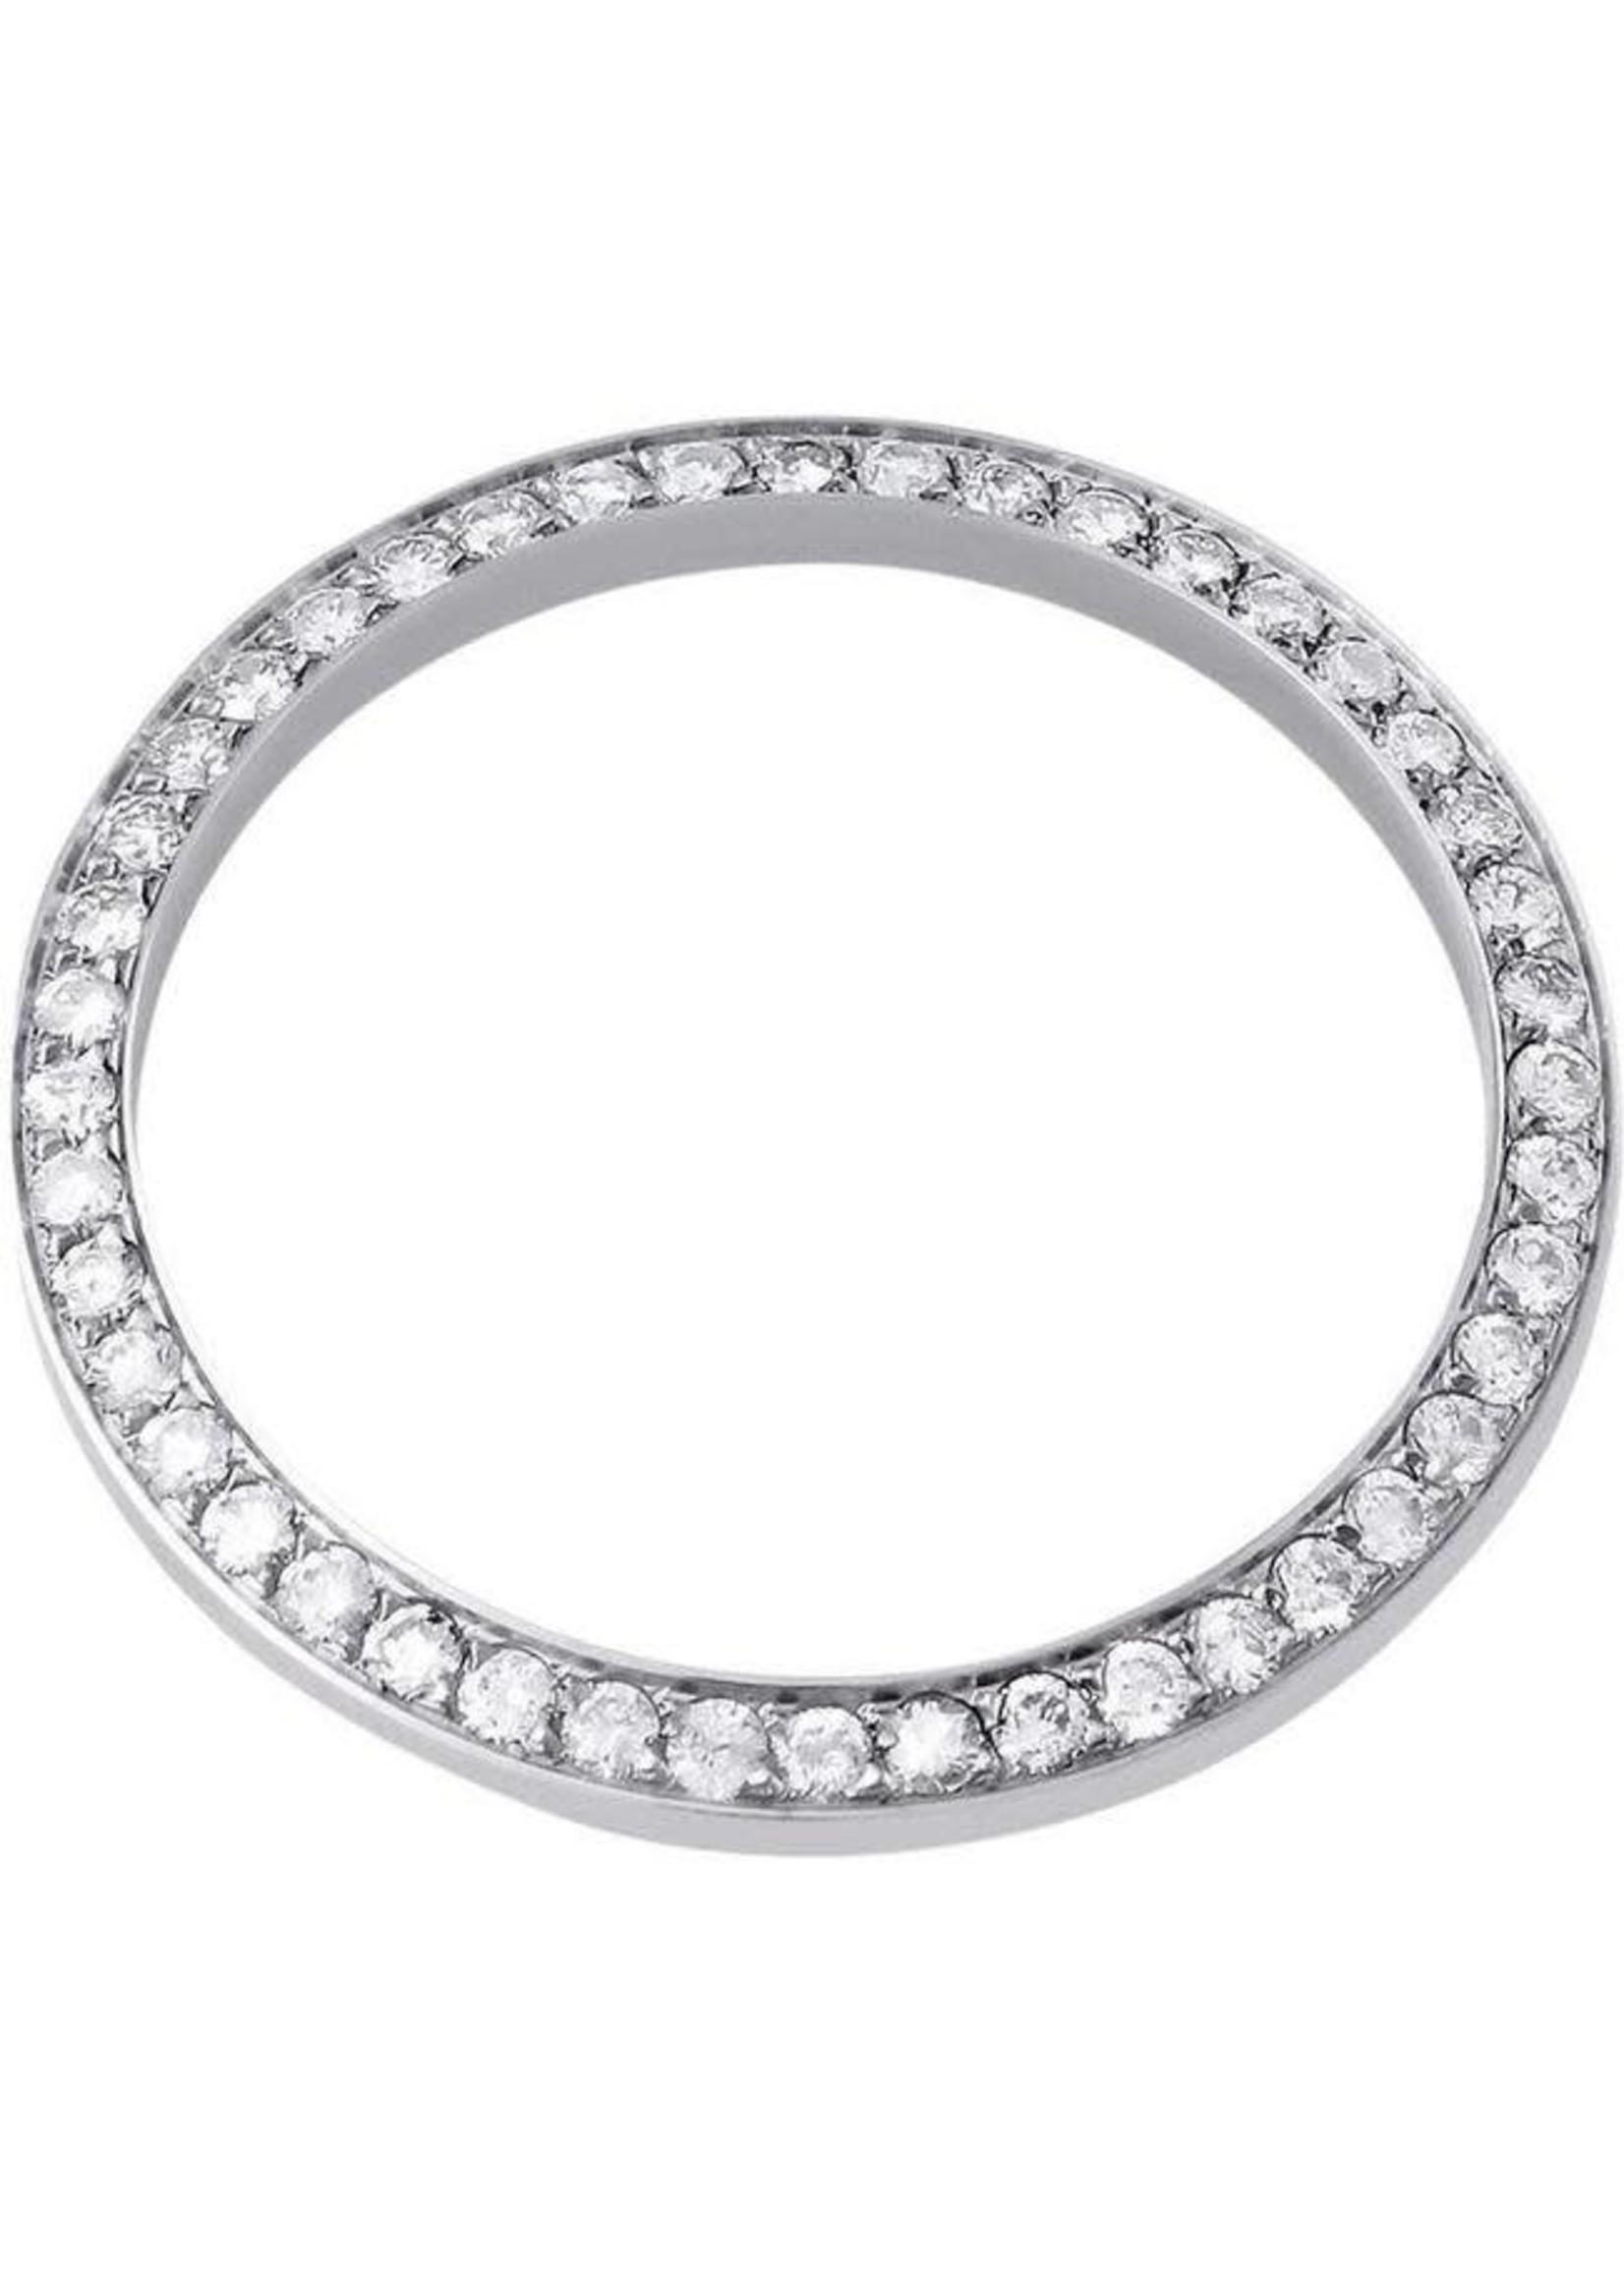 DIAMOND BEZEL 31MM WHITE GOLD